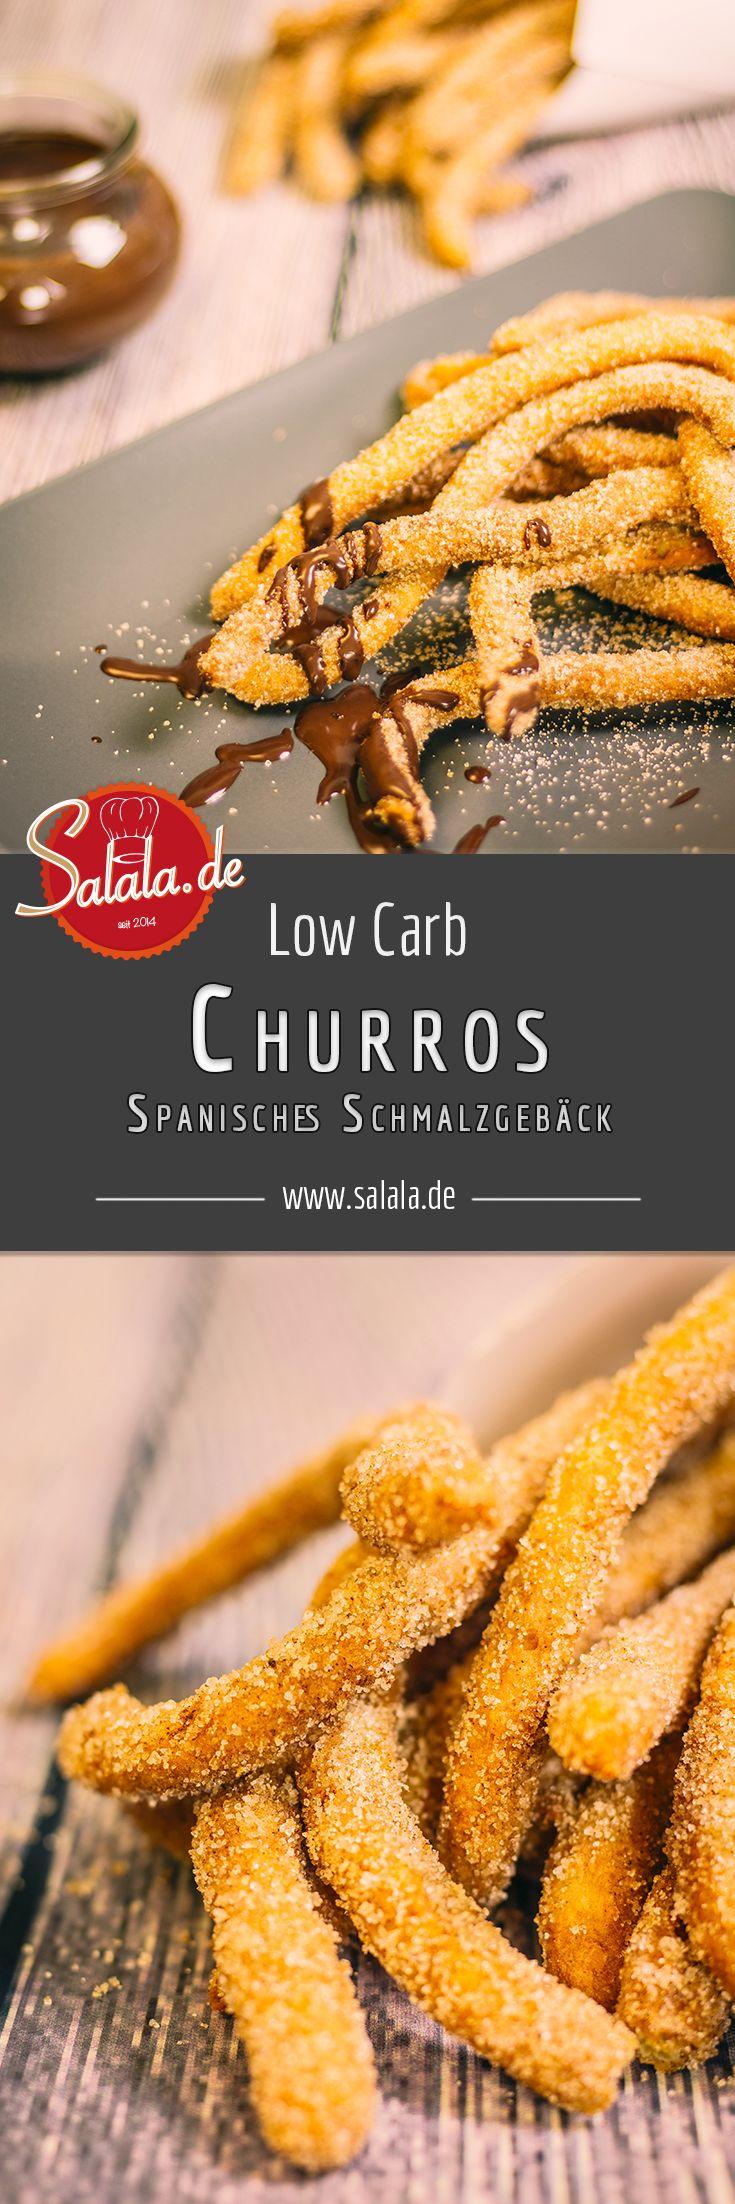 Churros Low Carb Rezept Spanisches Schmalzgebäck ohne Mehl und ohne Zucker aus Low Carb Brandteig mit extrem genialer Schokosoße. Die musst Du unbedingt nachmachen!